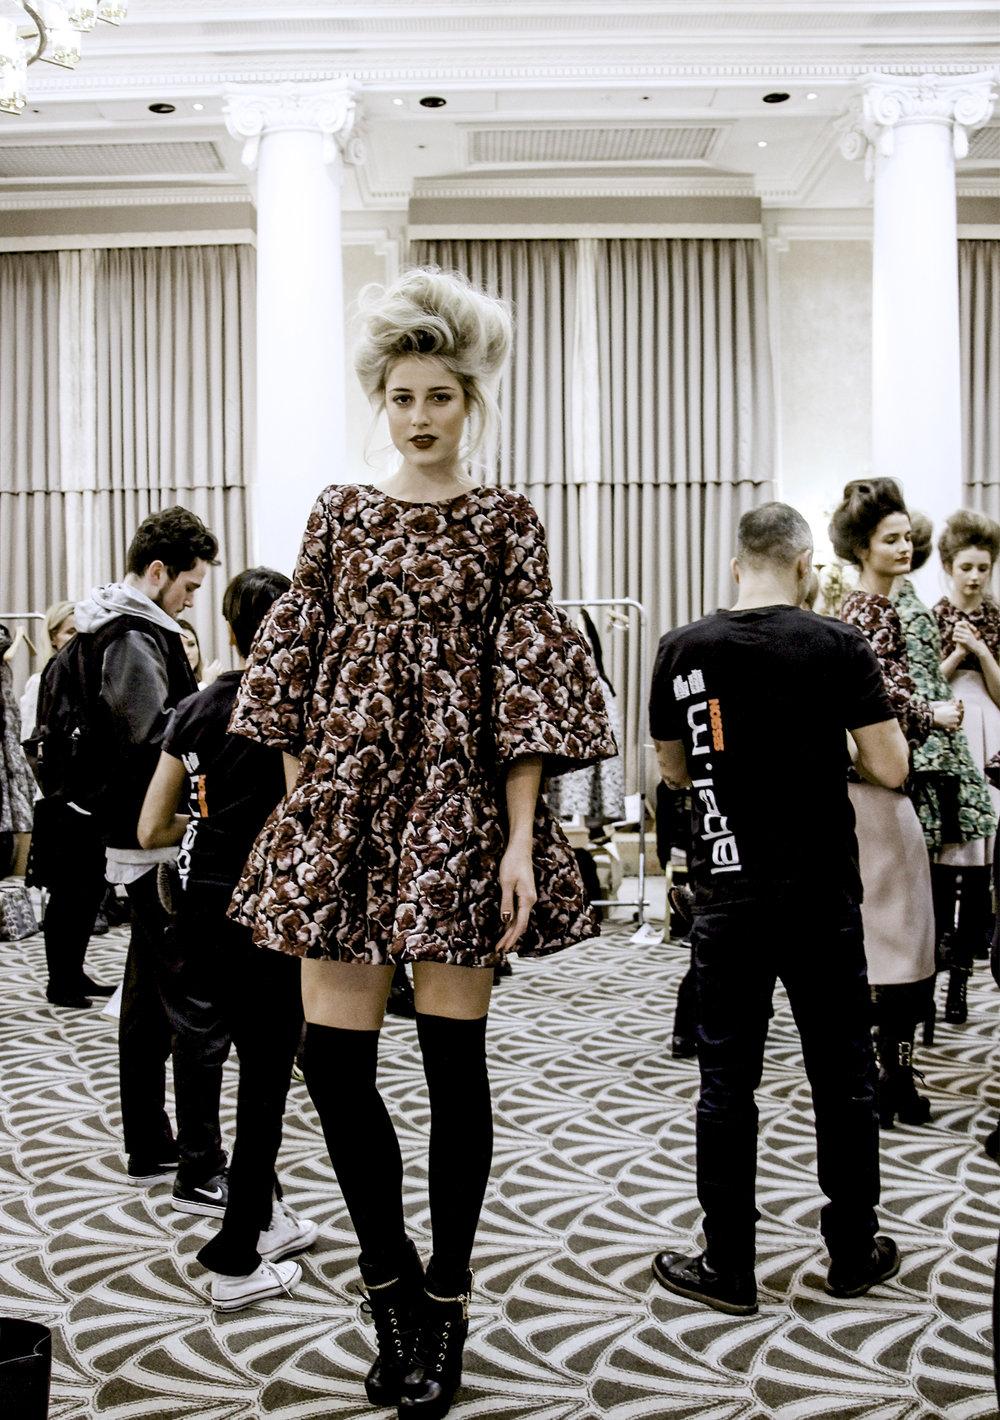 Paul Costeloe AW15 Backstage London Fashion Week 14.jpg